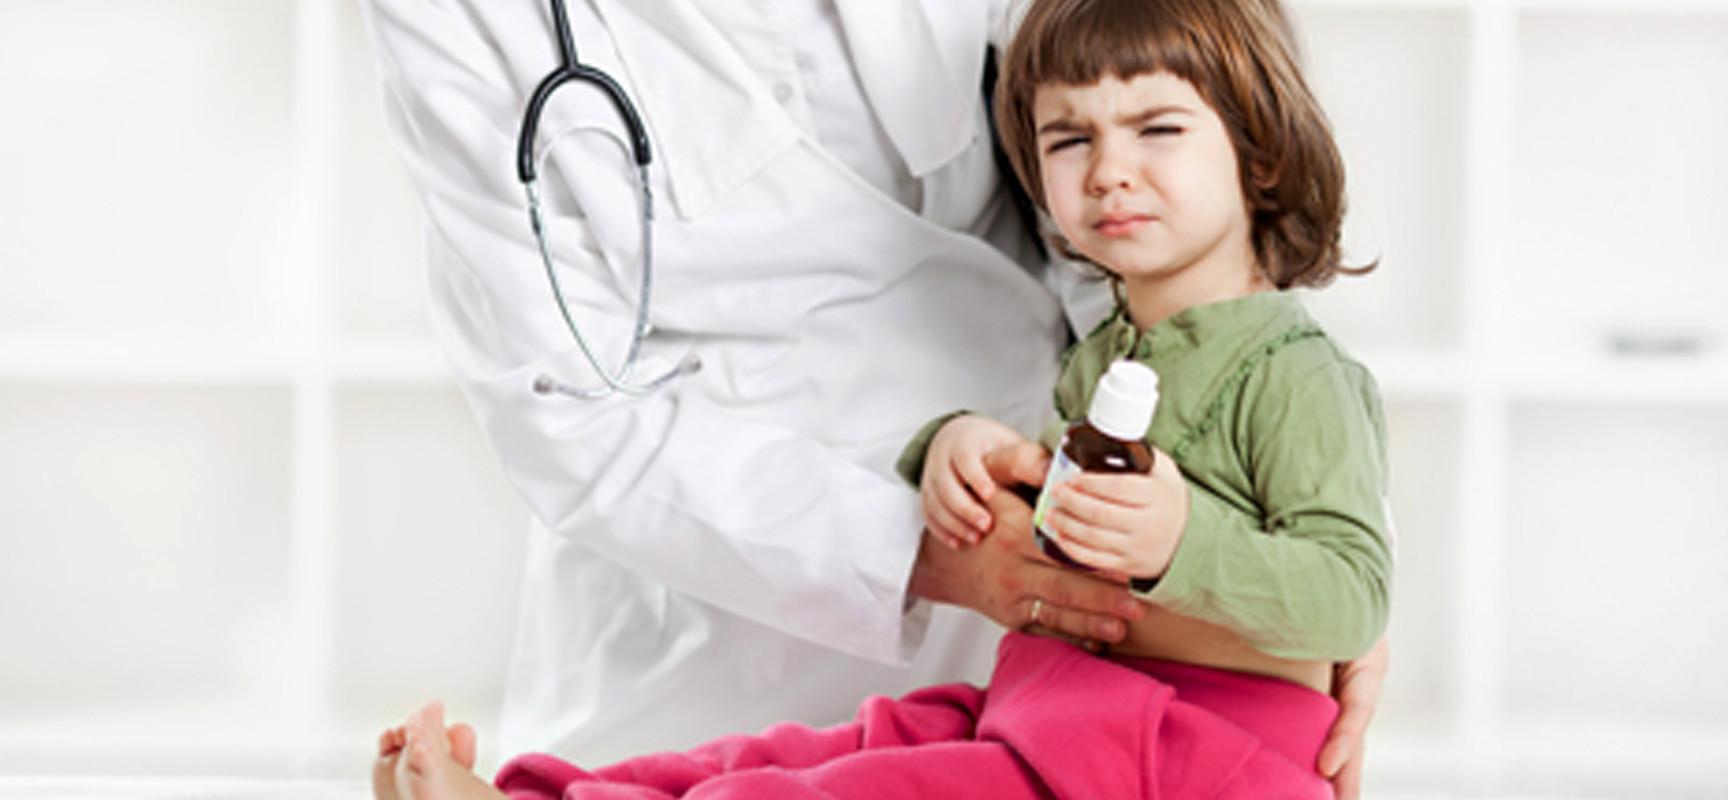 Поздняя госпитализация детей с острым аппендицитом